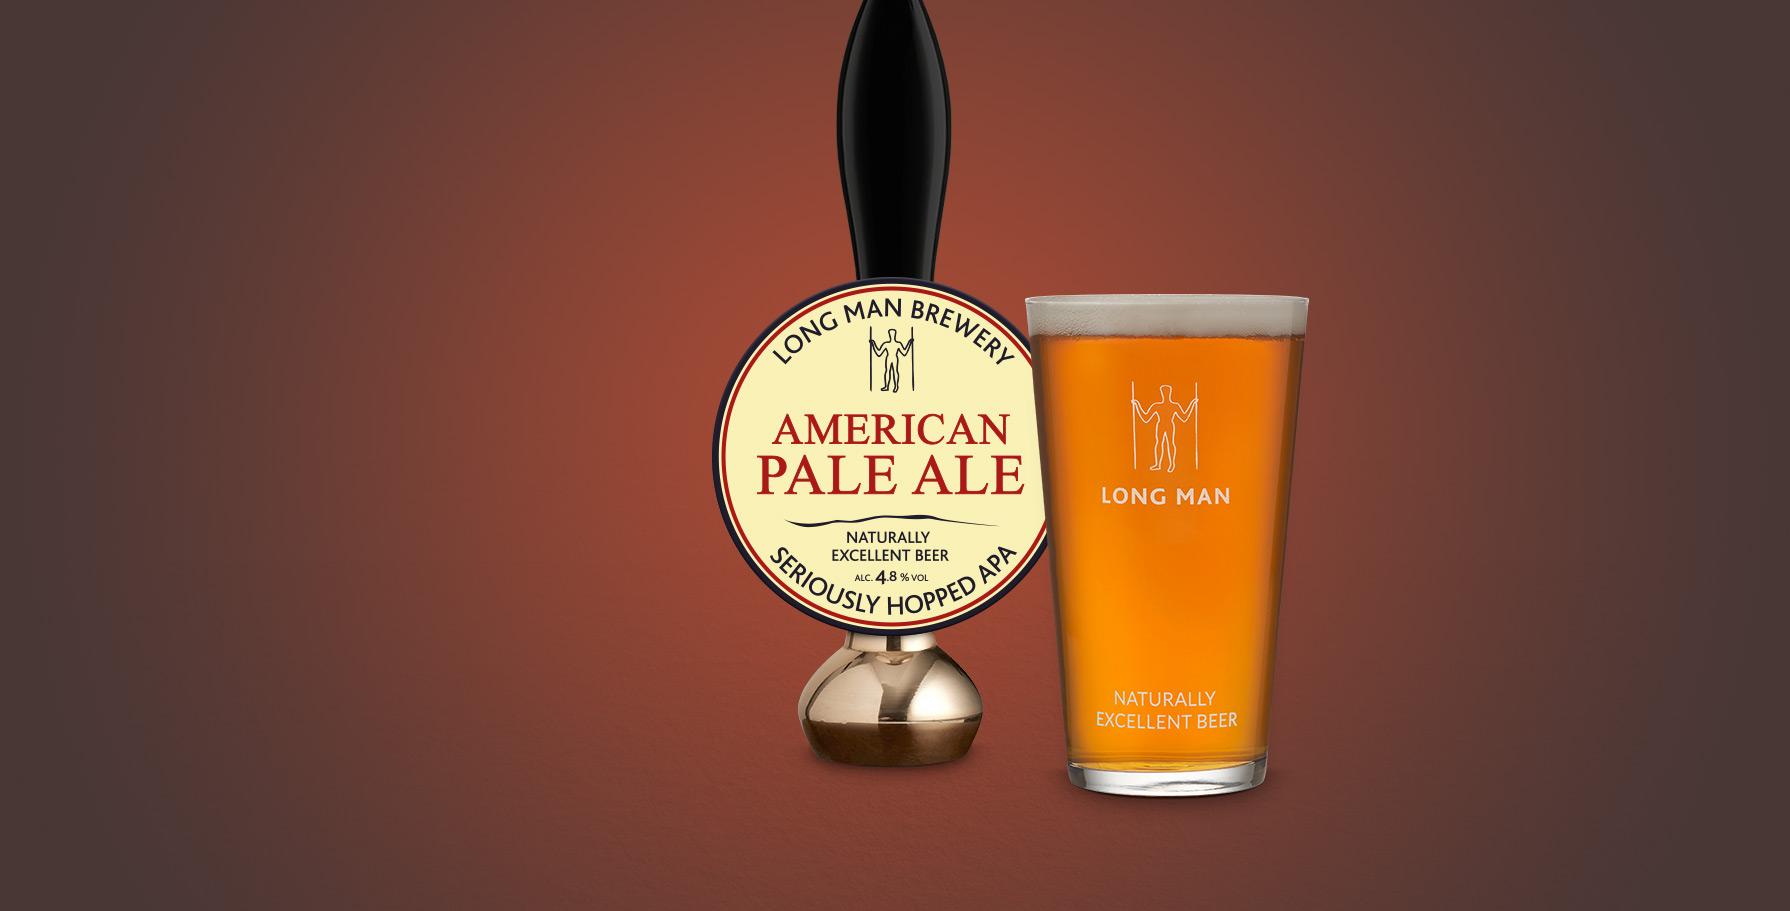 APA – Long Man Brewery